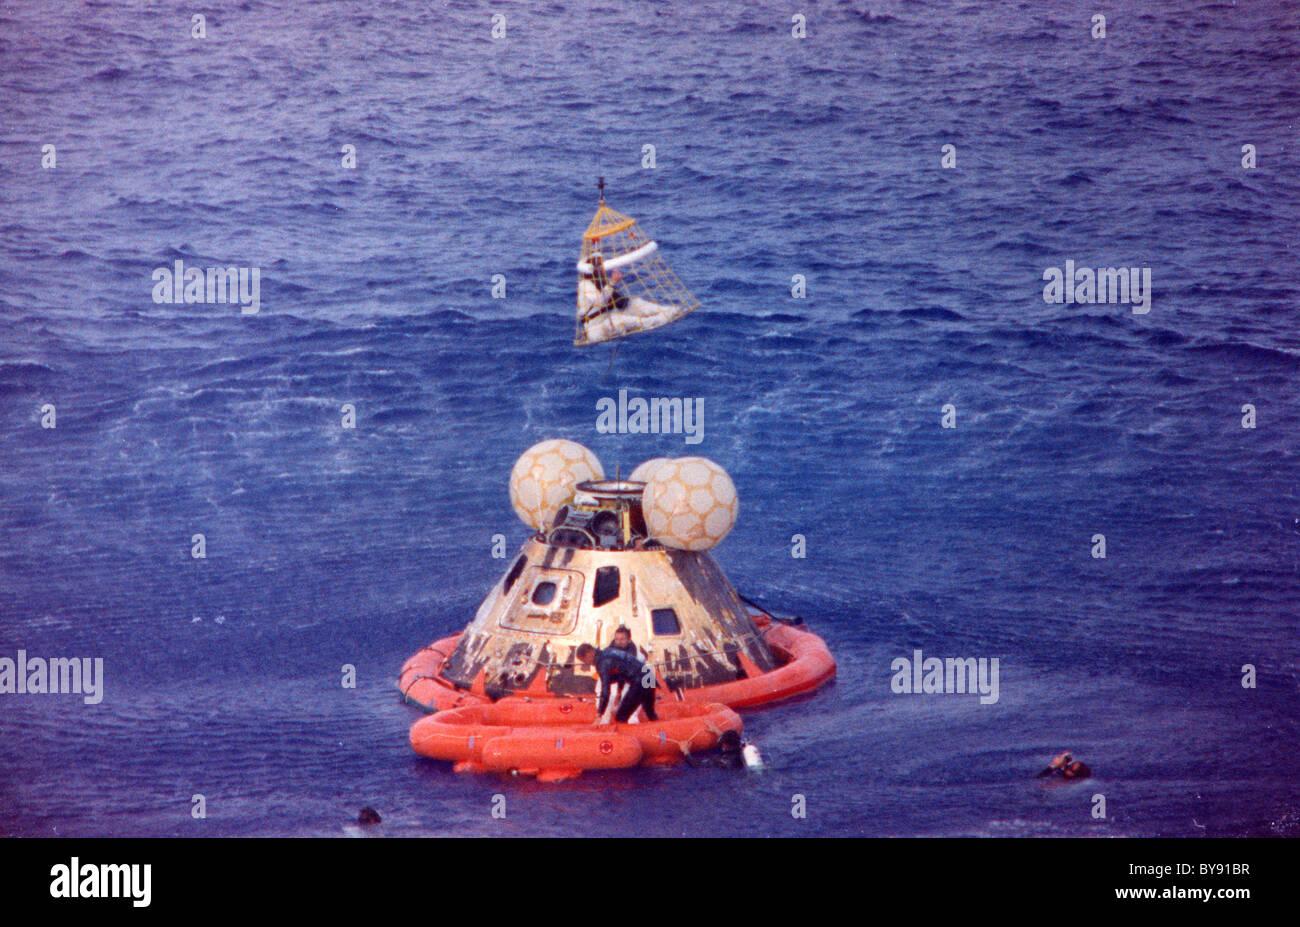 Recuperación Apolo 13 Imagen De Stock